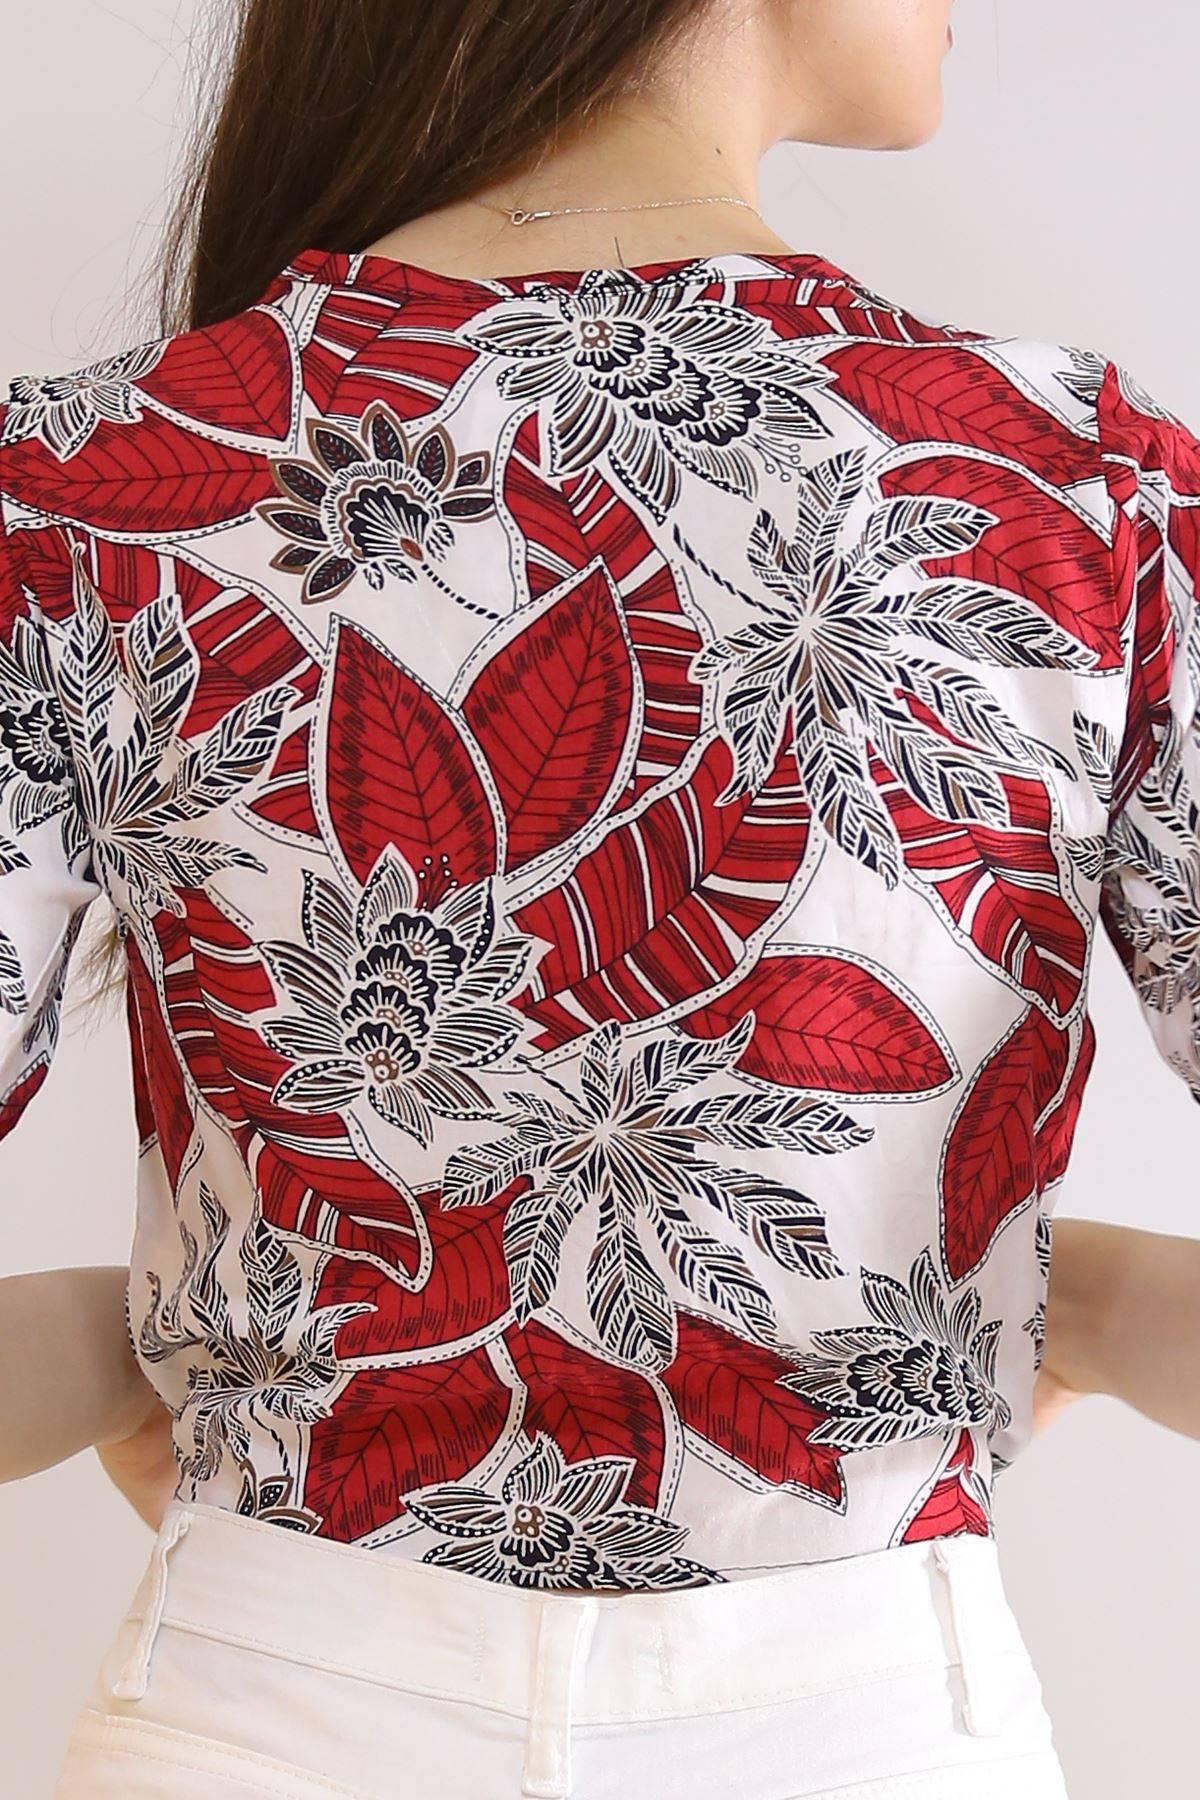 Altı Bağlamalı Bluz Kırmızıyapraklı - 5835.1153.